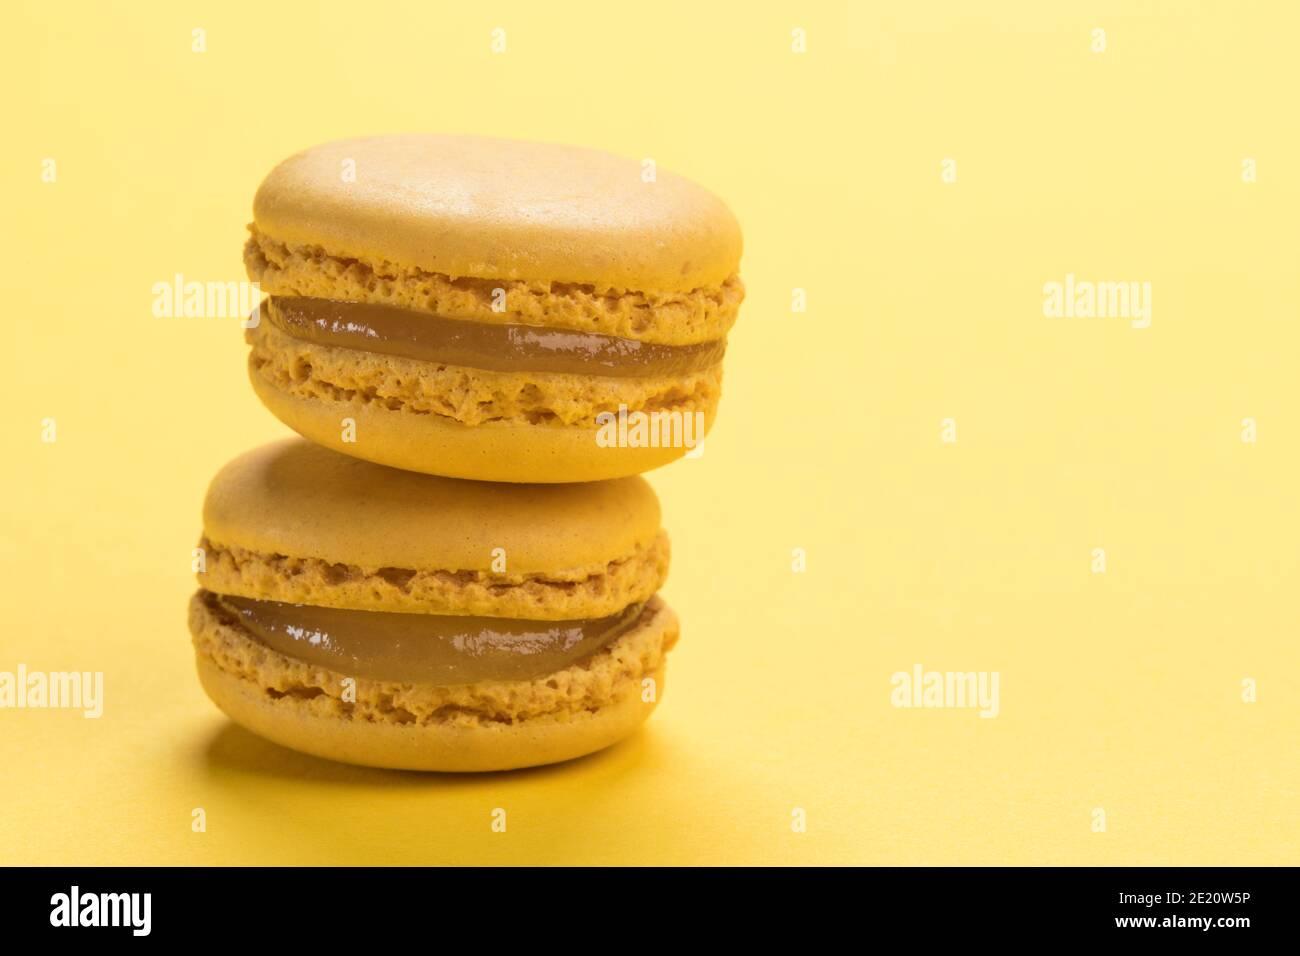 Gros plan de pâte de macarons français au citron sur pastel arrière-plan jaune avec espace de copie Banque D'Images